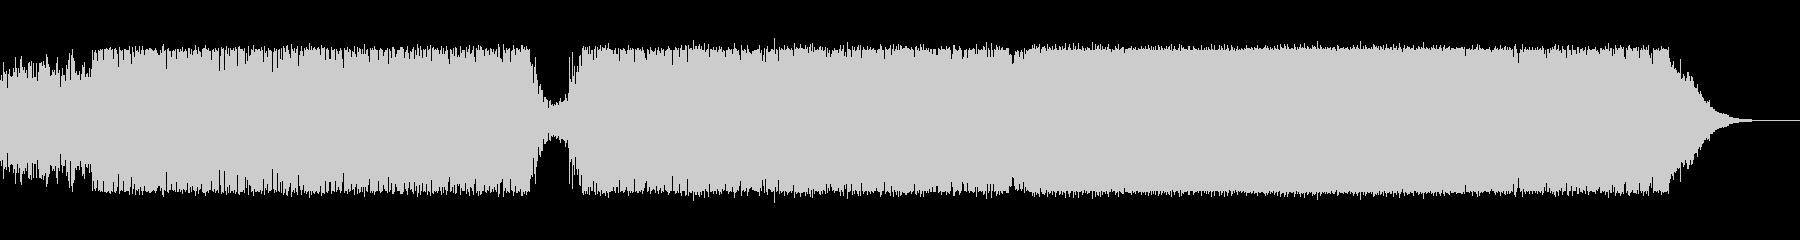 bpm183不気味なドラムンベースの未再生の波形